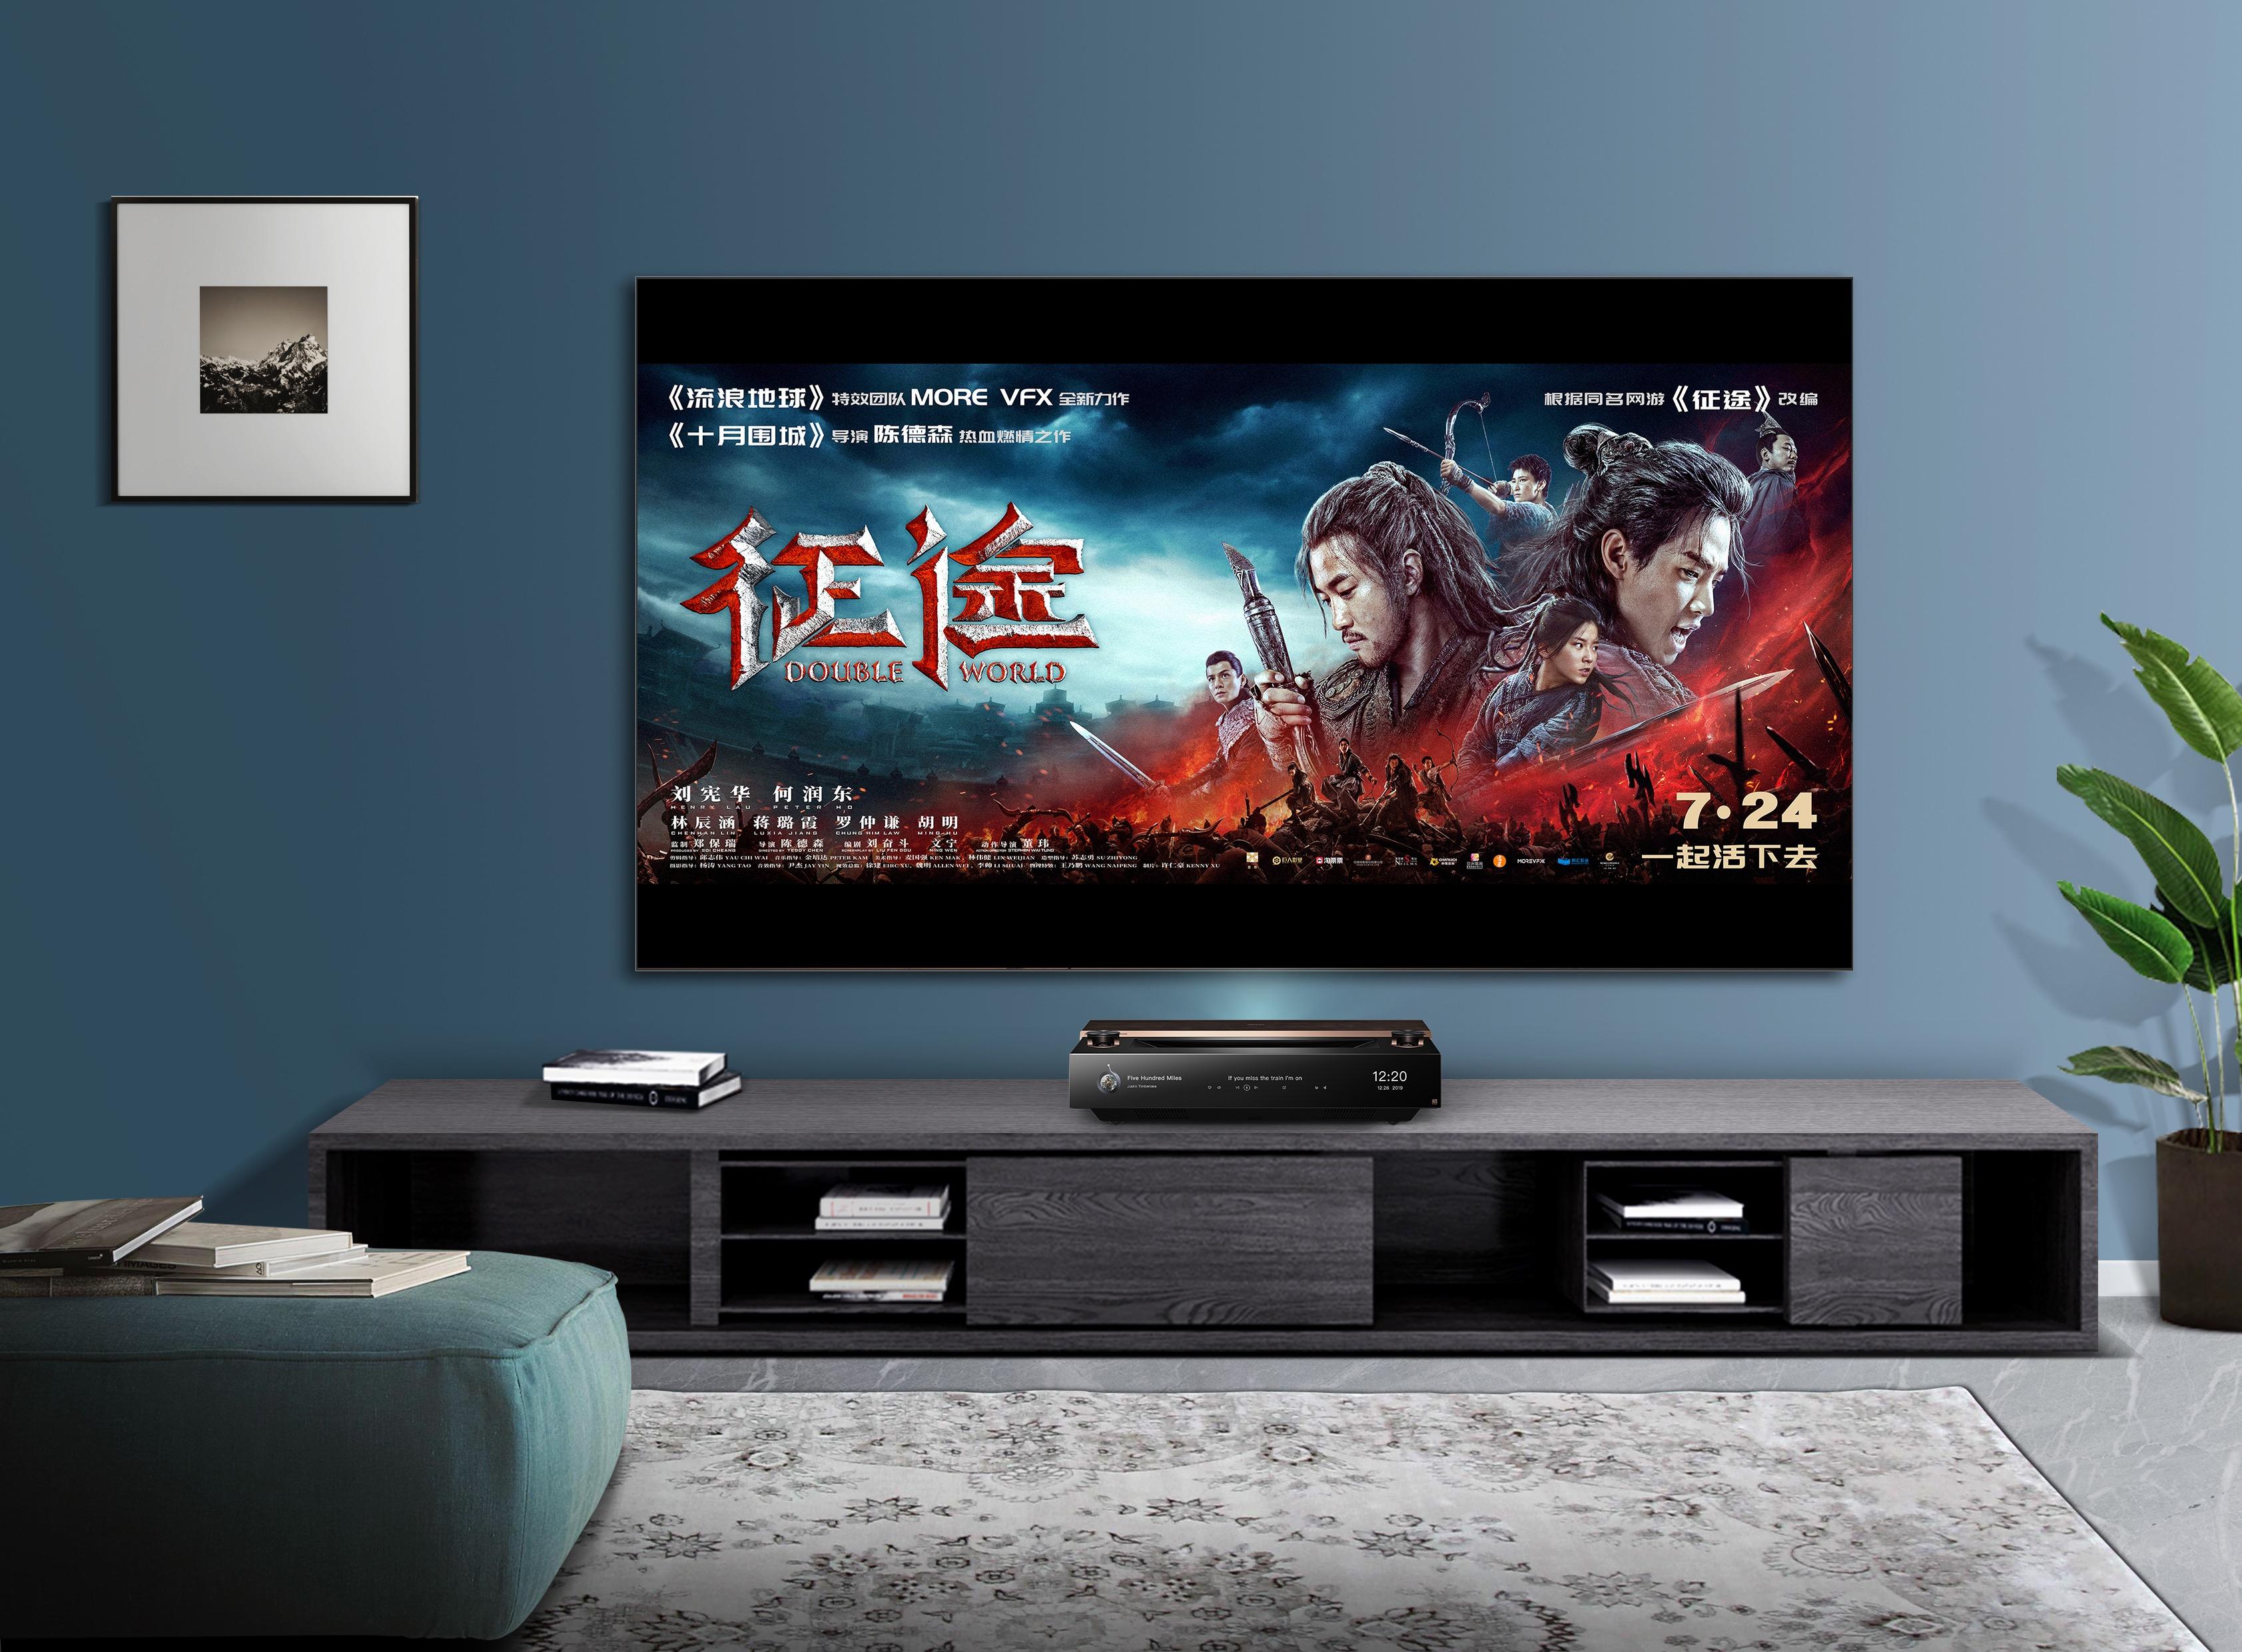 海信发布100英寸影院级全色激光电视,在家看电影的时代来了!